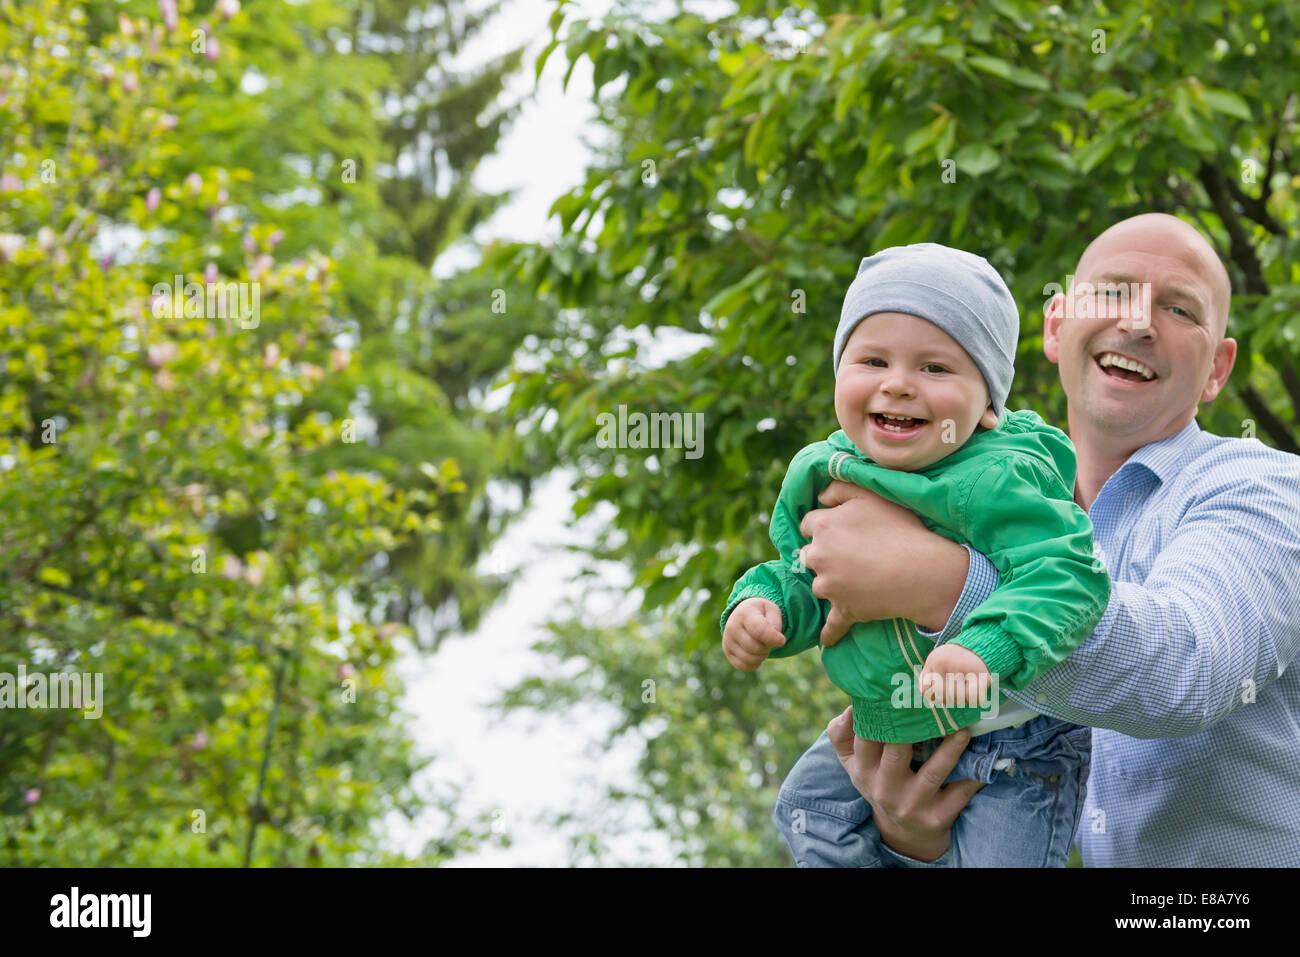 Padre celebración Baby Boy en armas jugando a volar Imagen De Stock